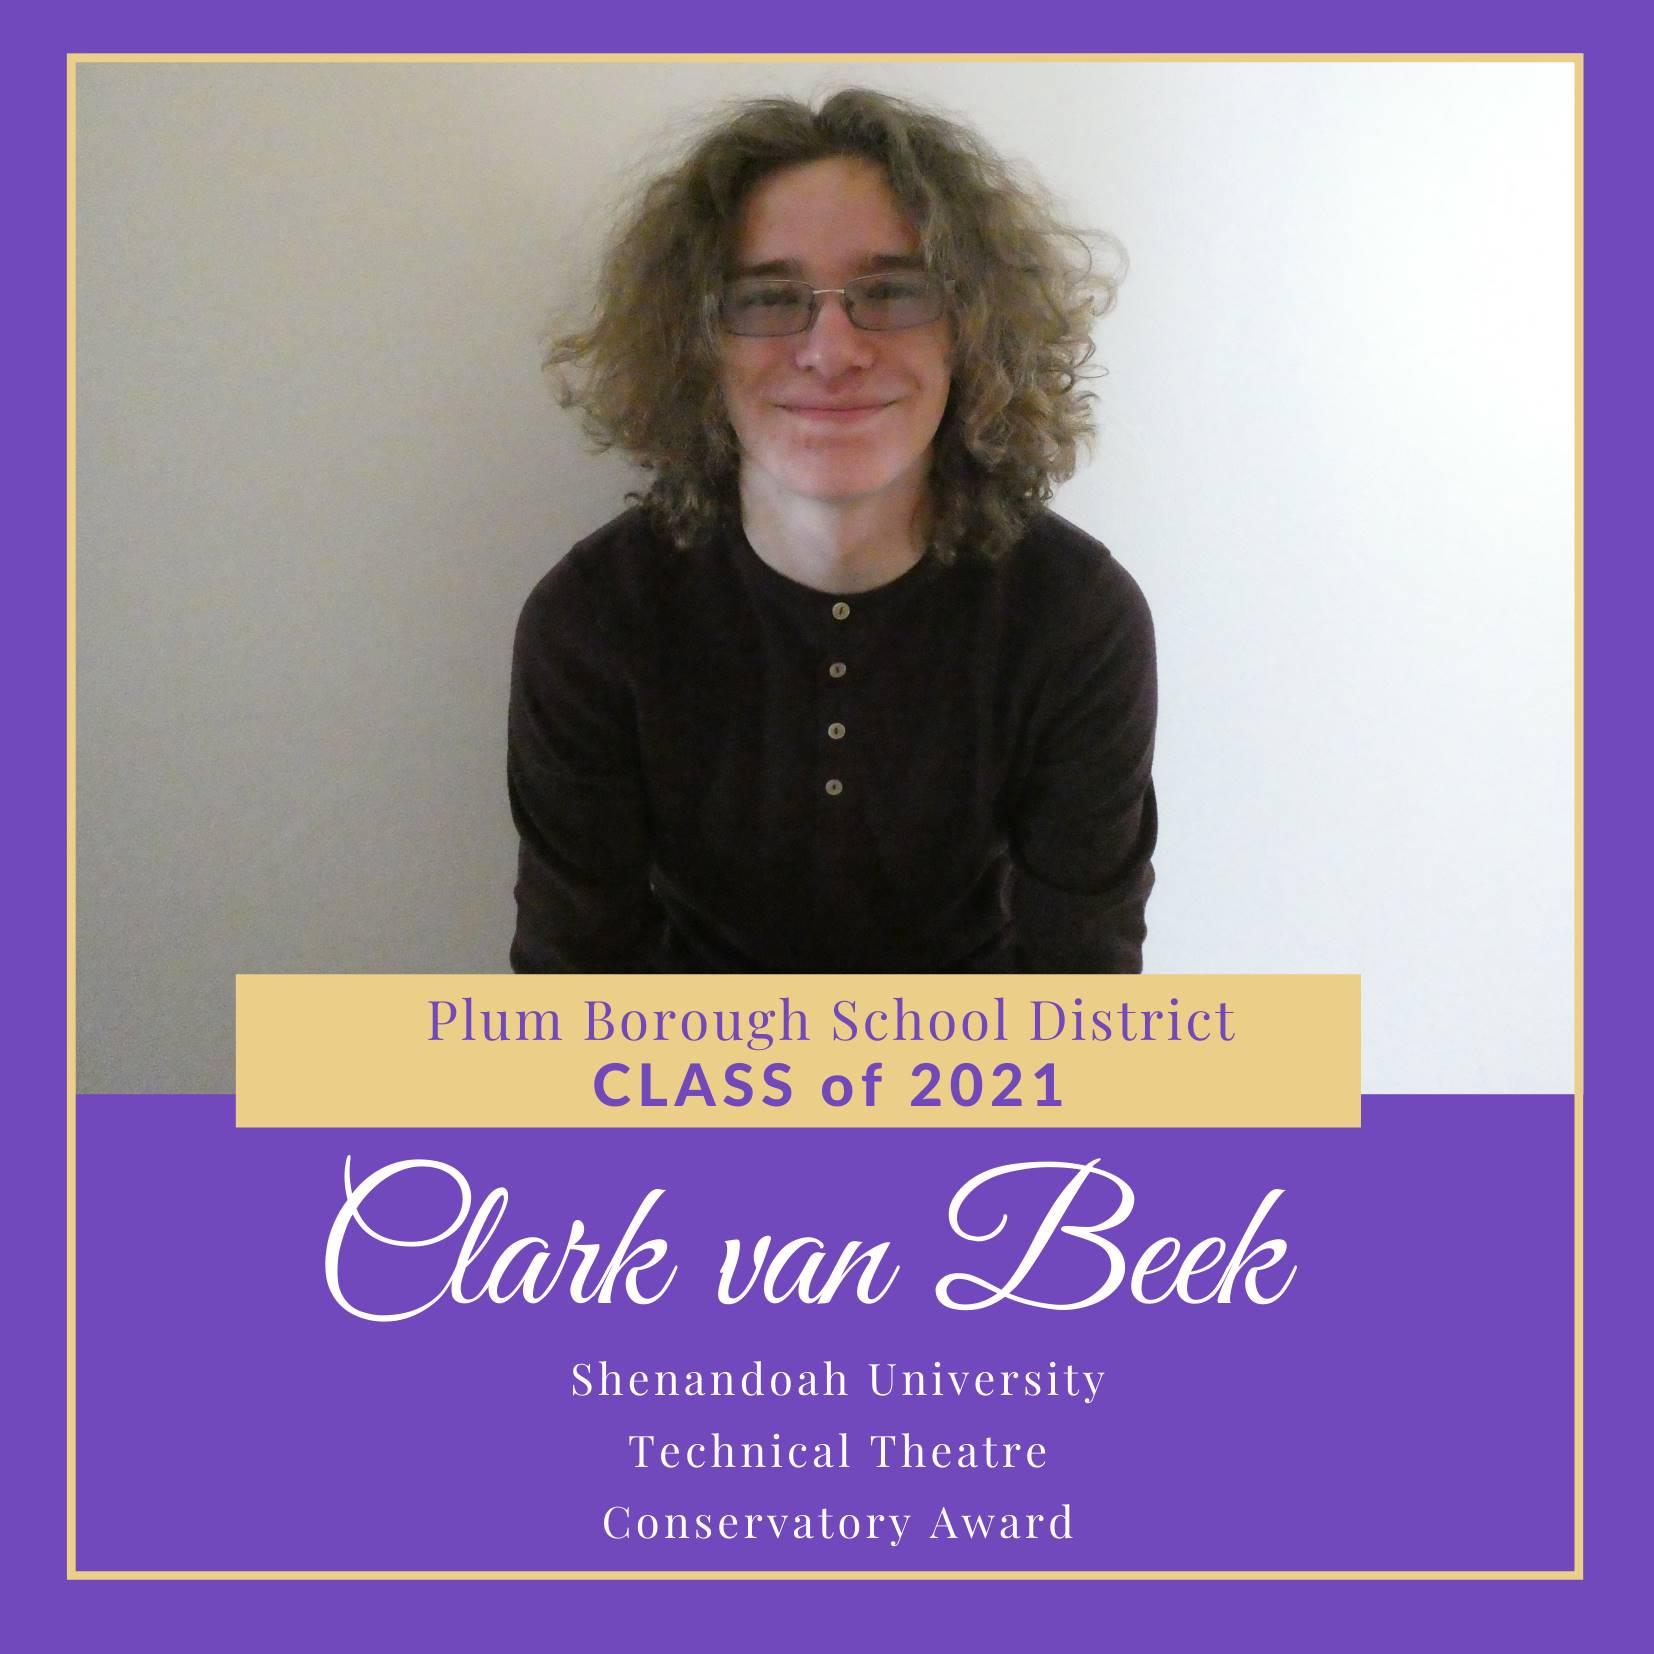 Congratulations to Clark van Been, Class of 2021!